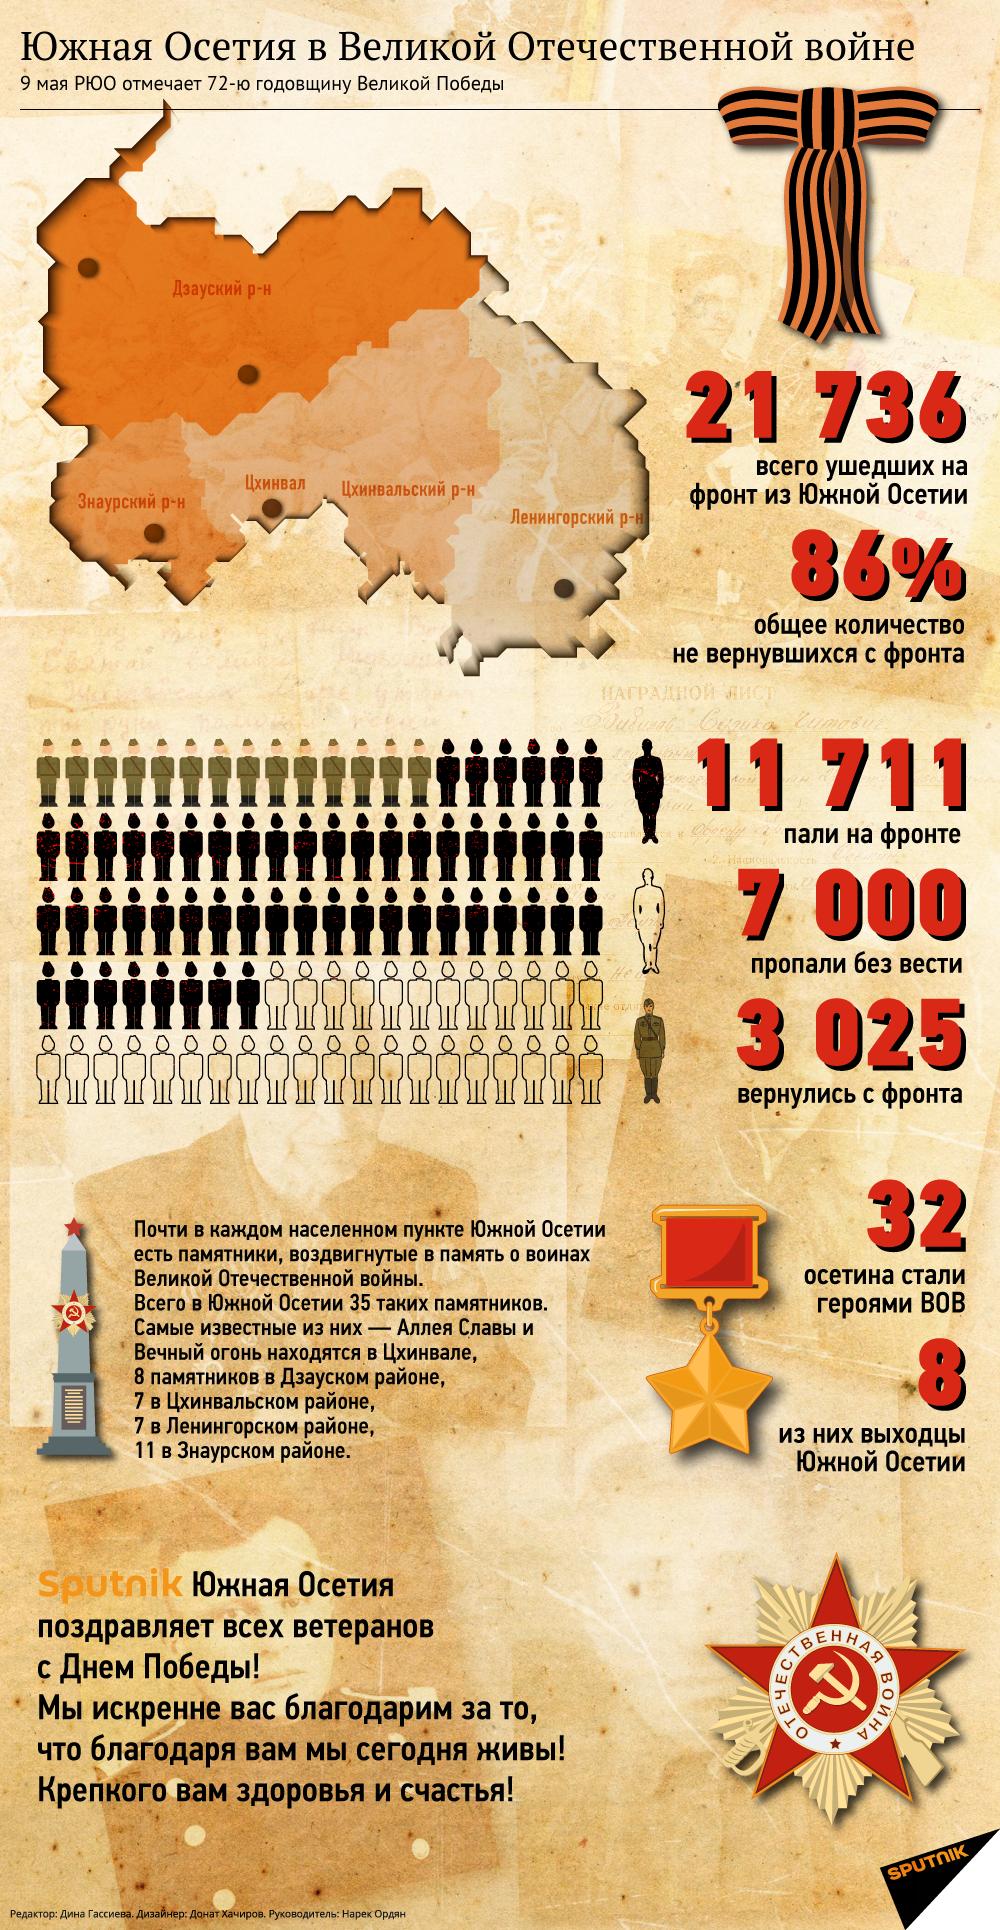 Южная Осетия в Великой Отечественной войне